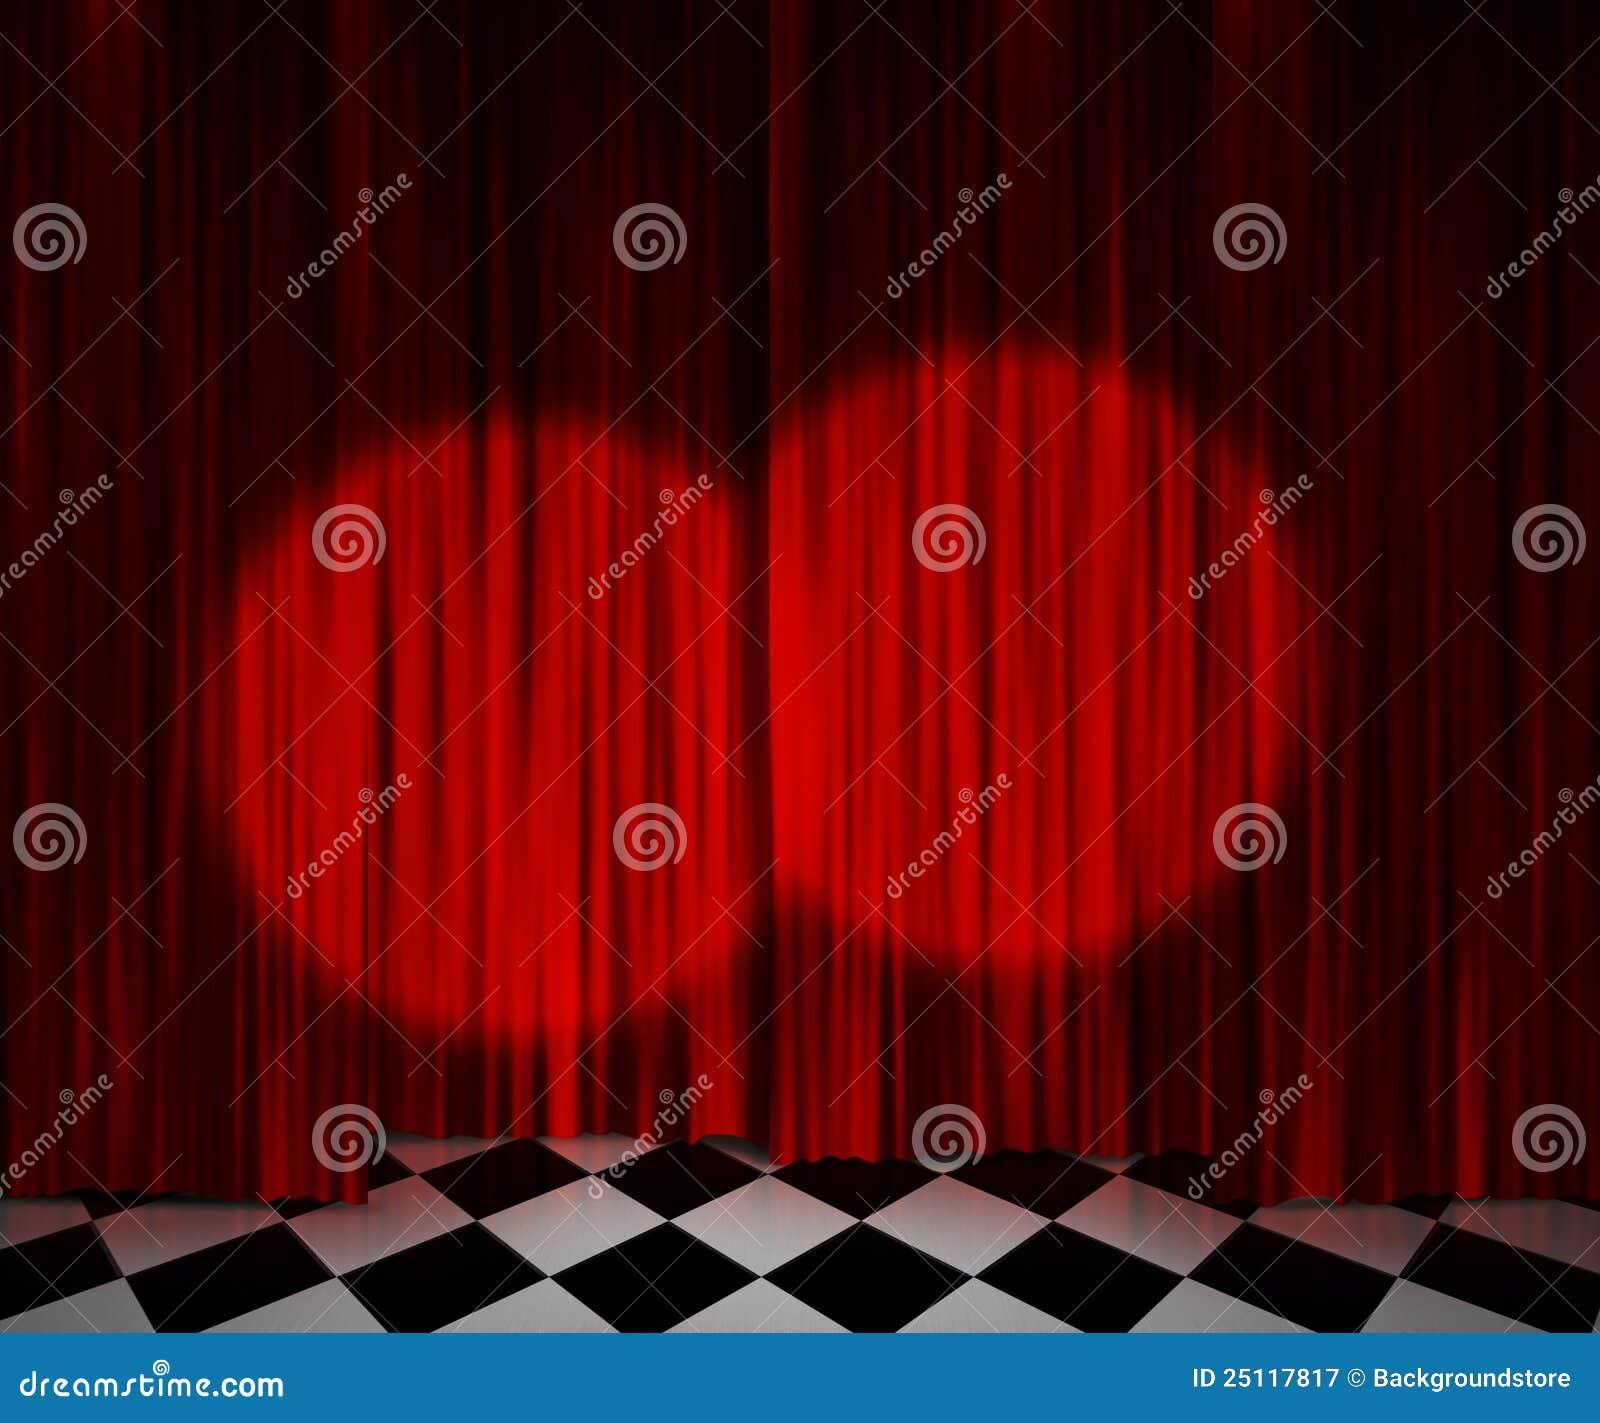 Red curtain spotlight - Background Curtain Red Spotlight